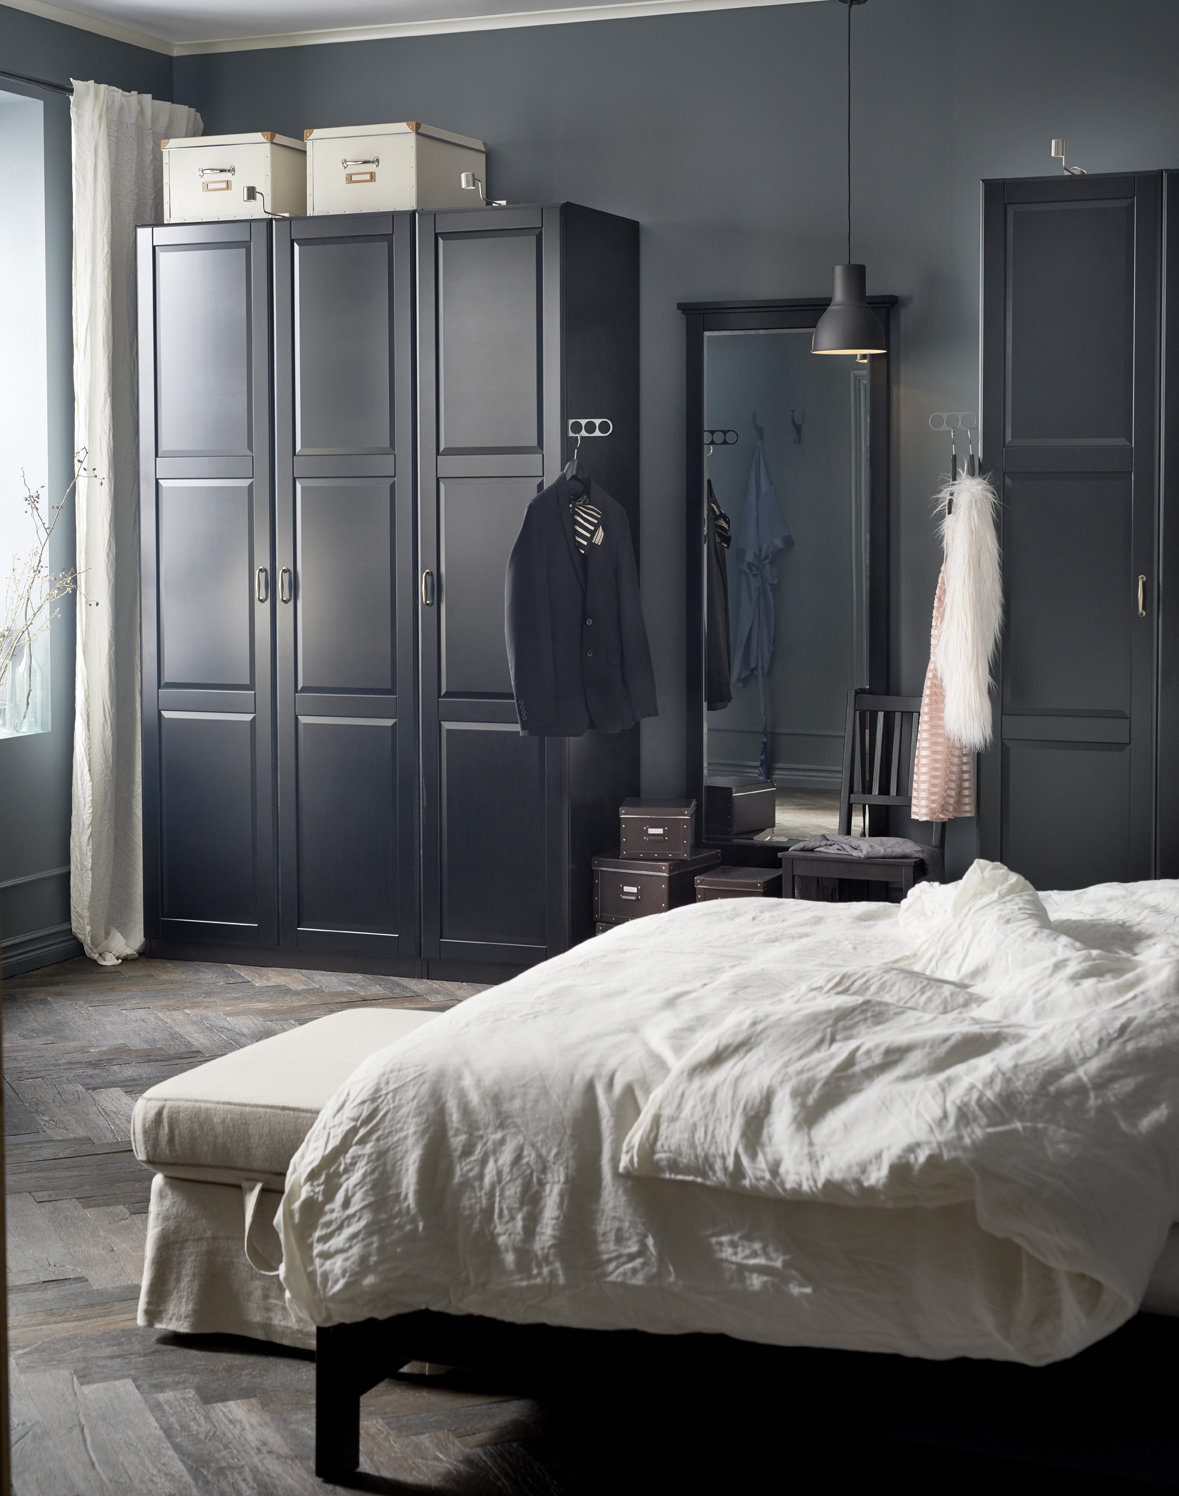 19_dormitorios_IKEA